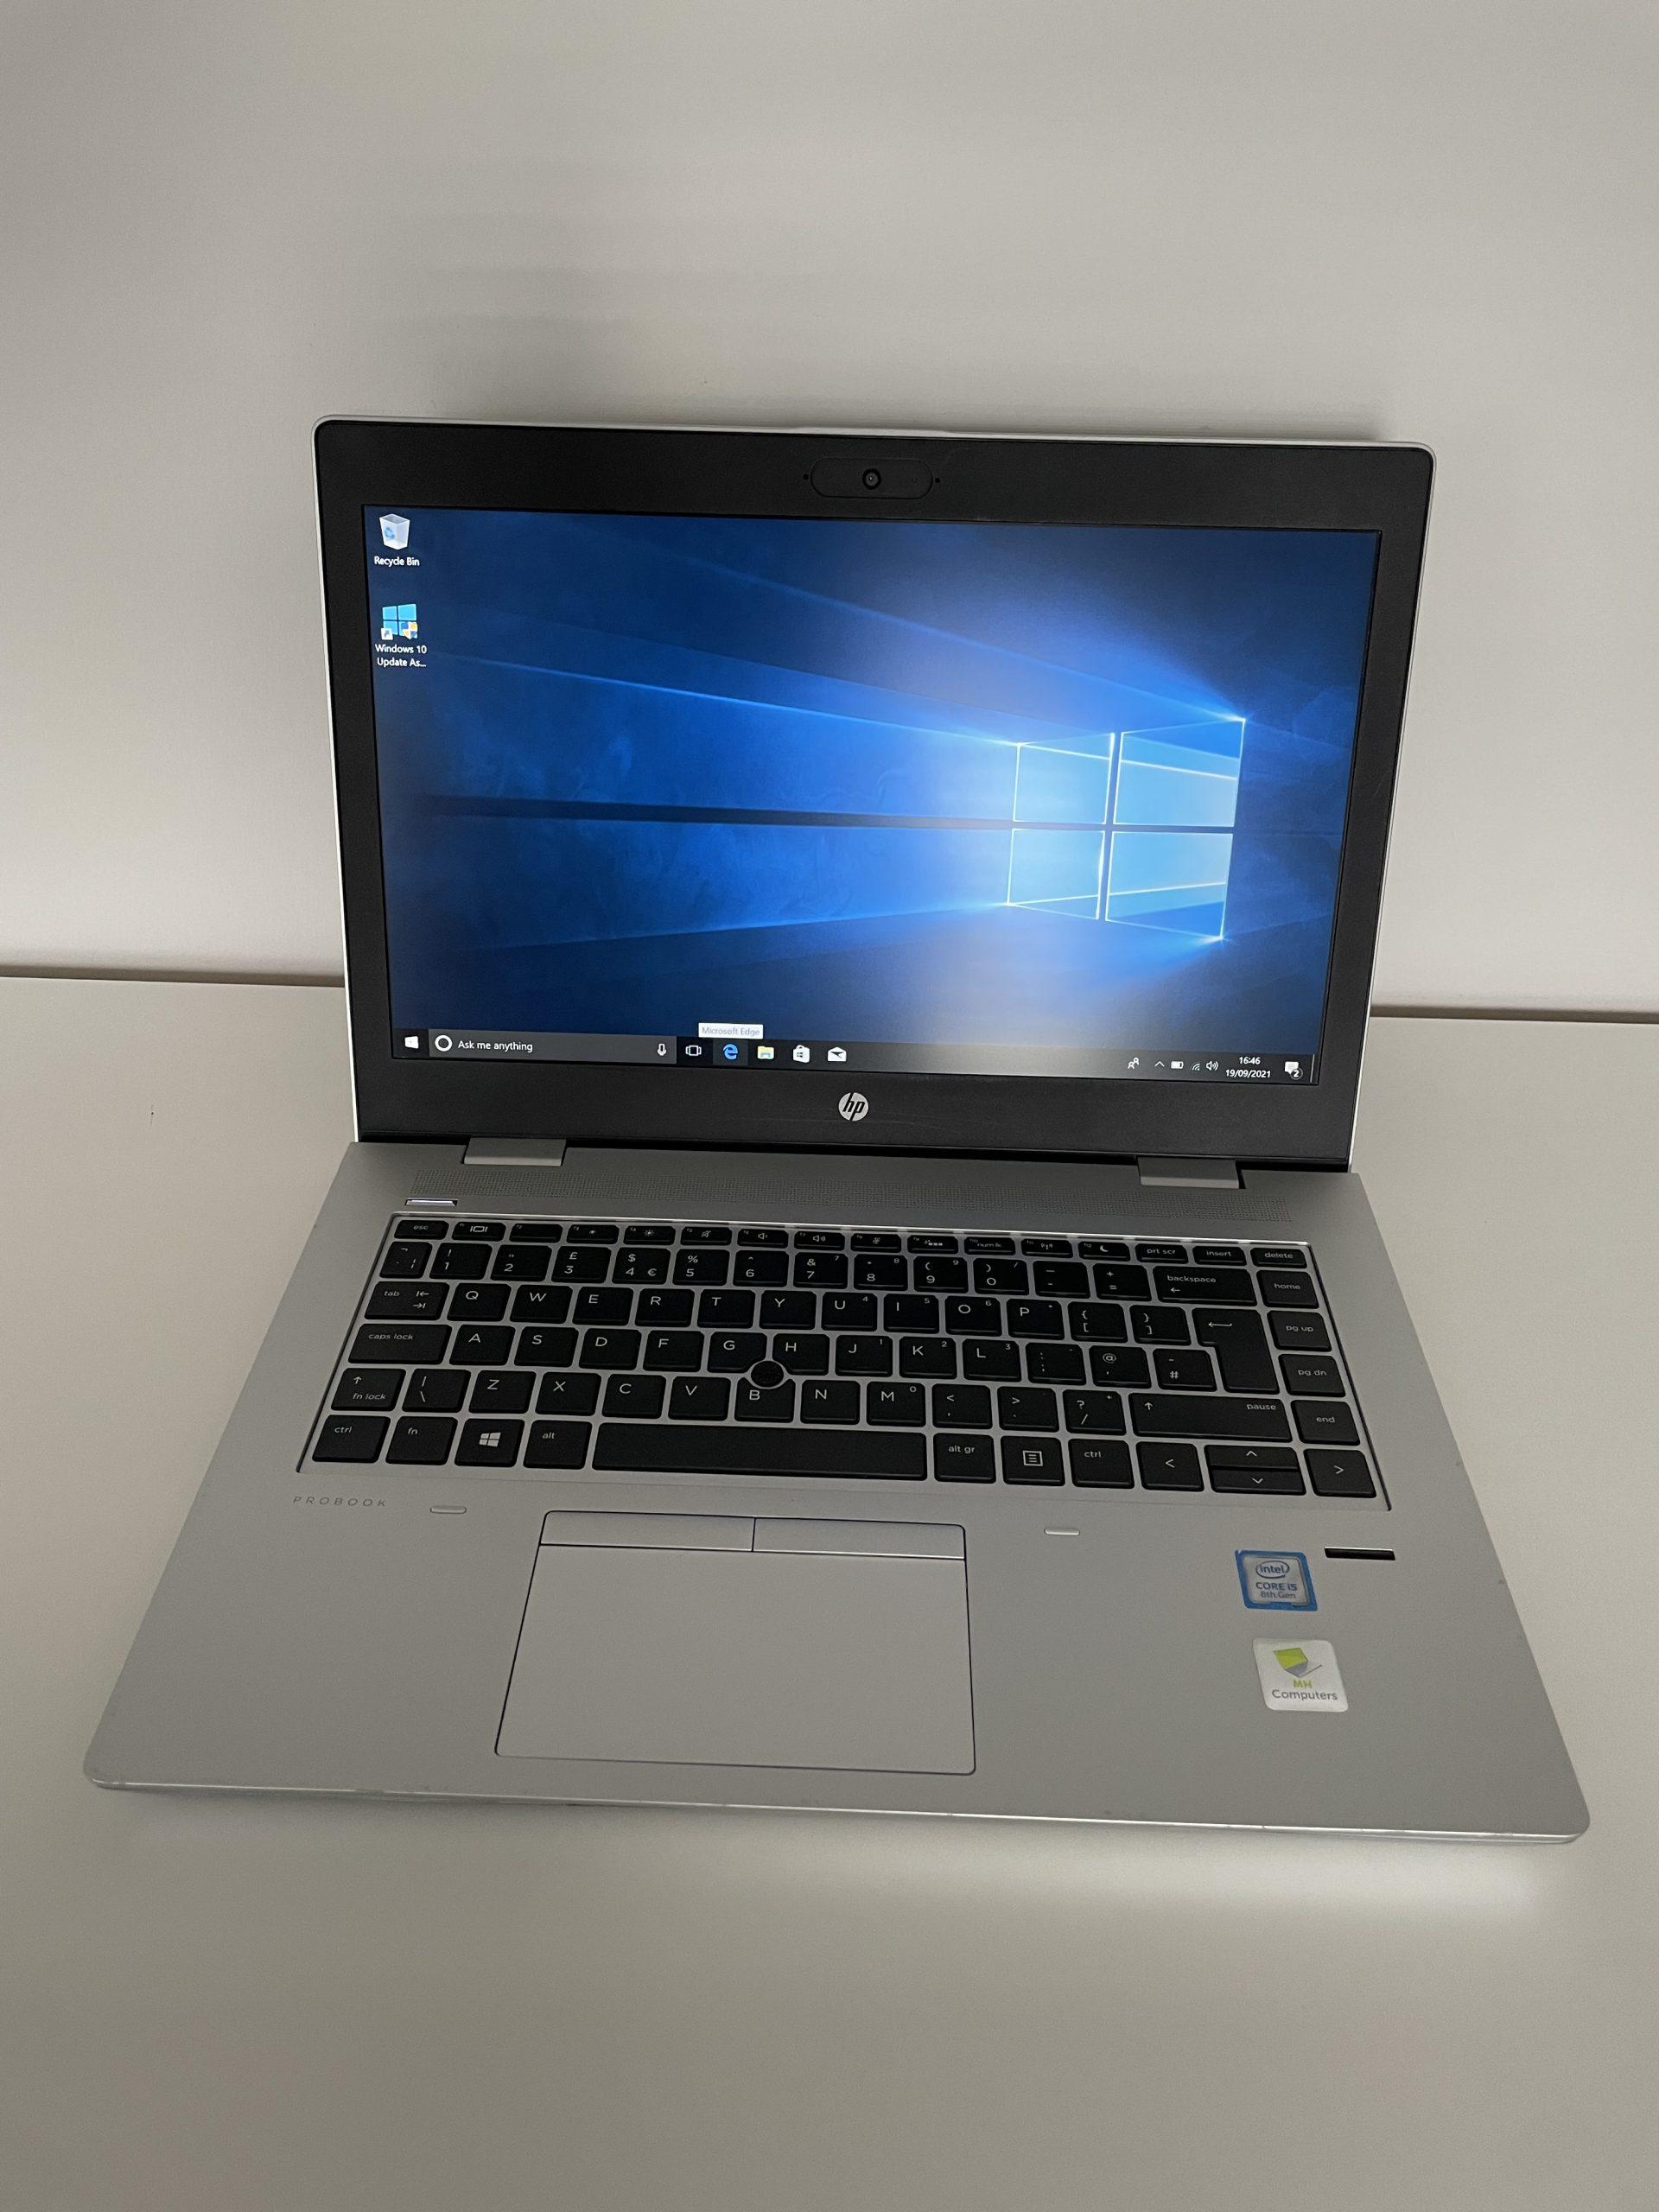 Refurbished Laptops Ossett